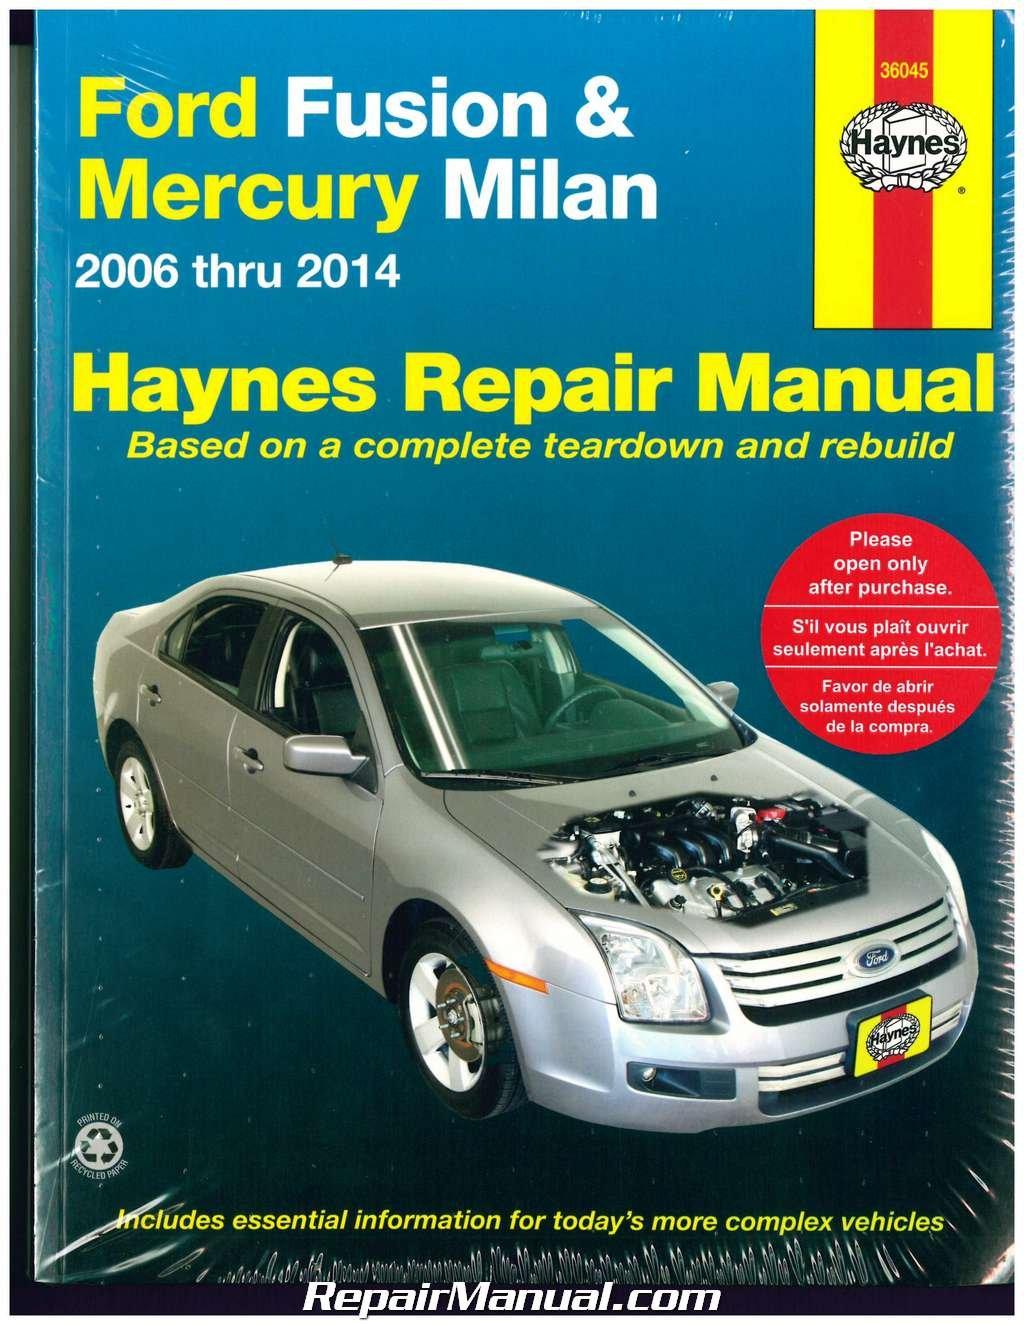 H36045 Haynes Ford Fusion 2006-2014 Mercury Milan 2006-2011 Auto Repair  Manual: Manufacturer: Amazon.com: Books